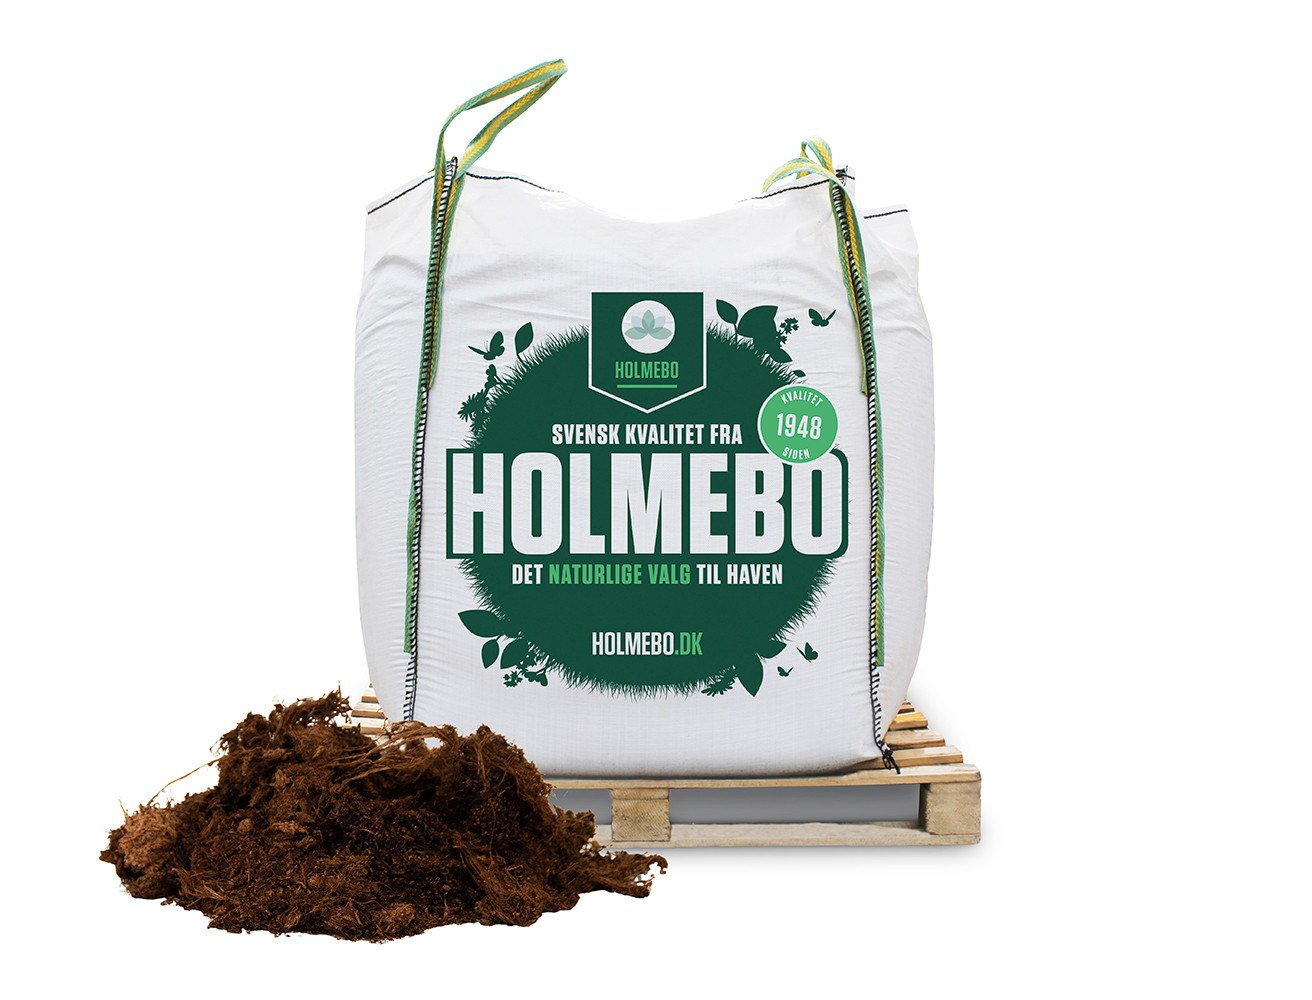 Holmebo Rhododendronjord - Bigbag á 1000 liter